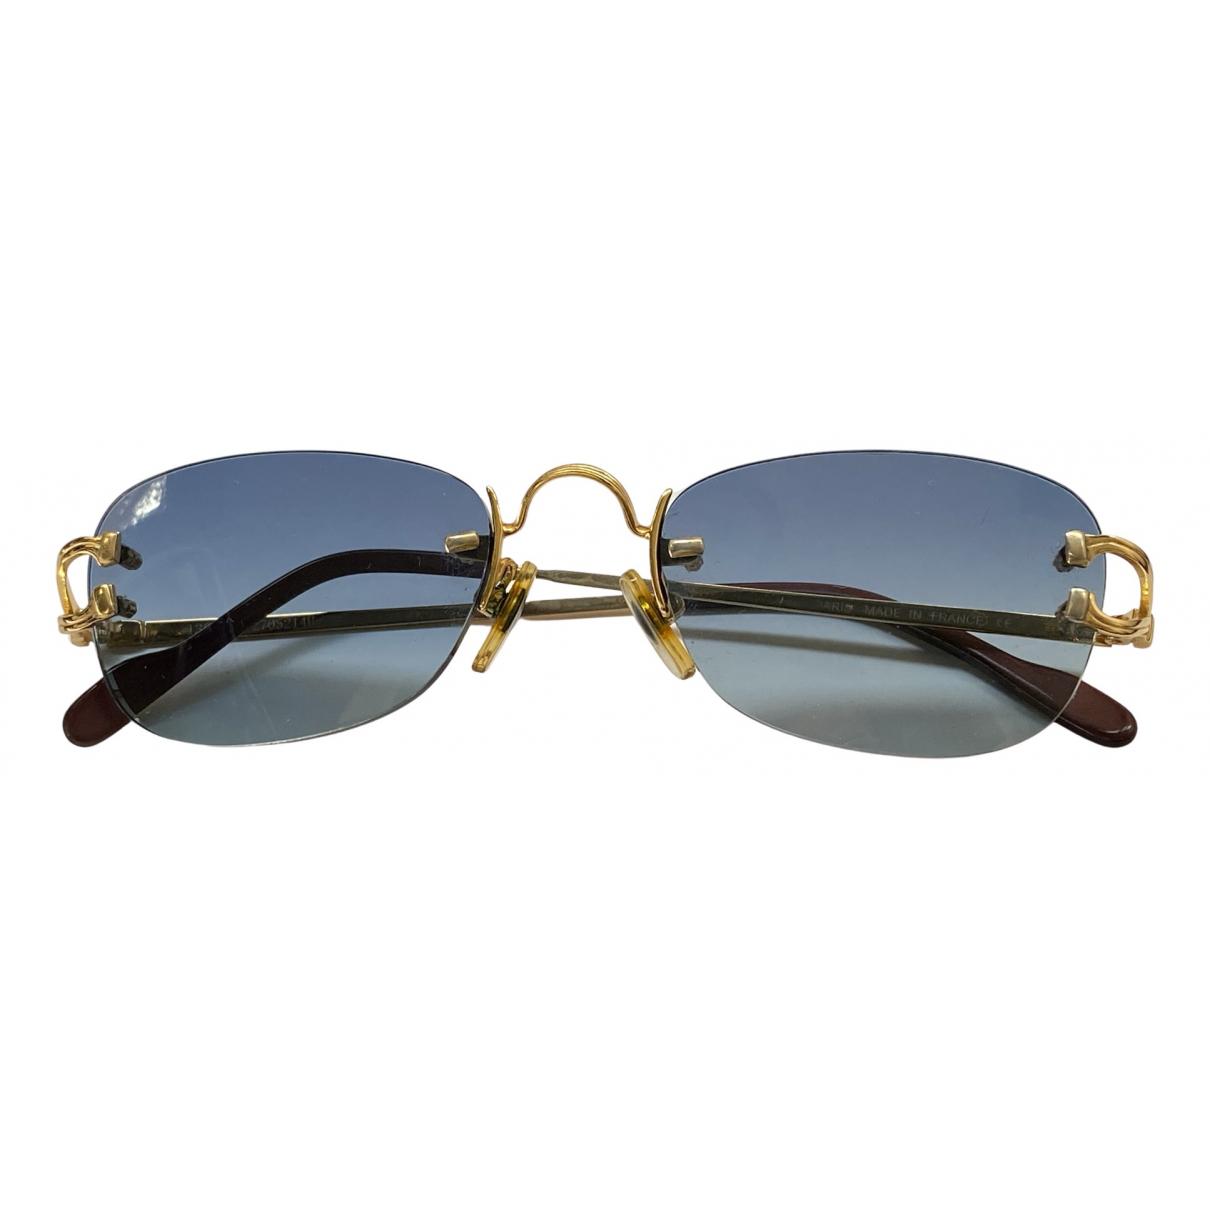 Cartier - Lunettes   pour homme en metal - dore